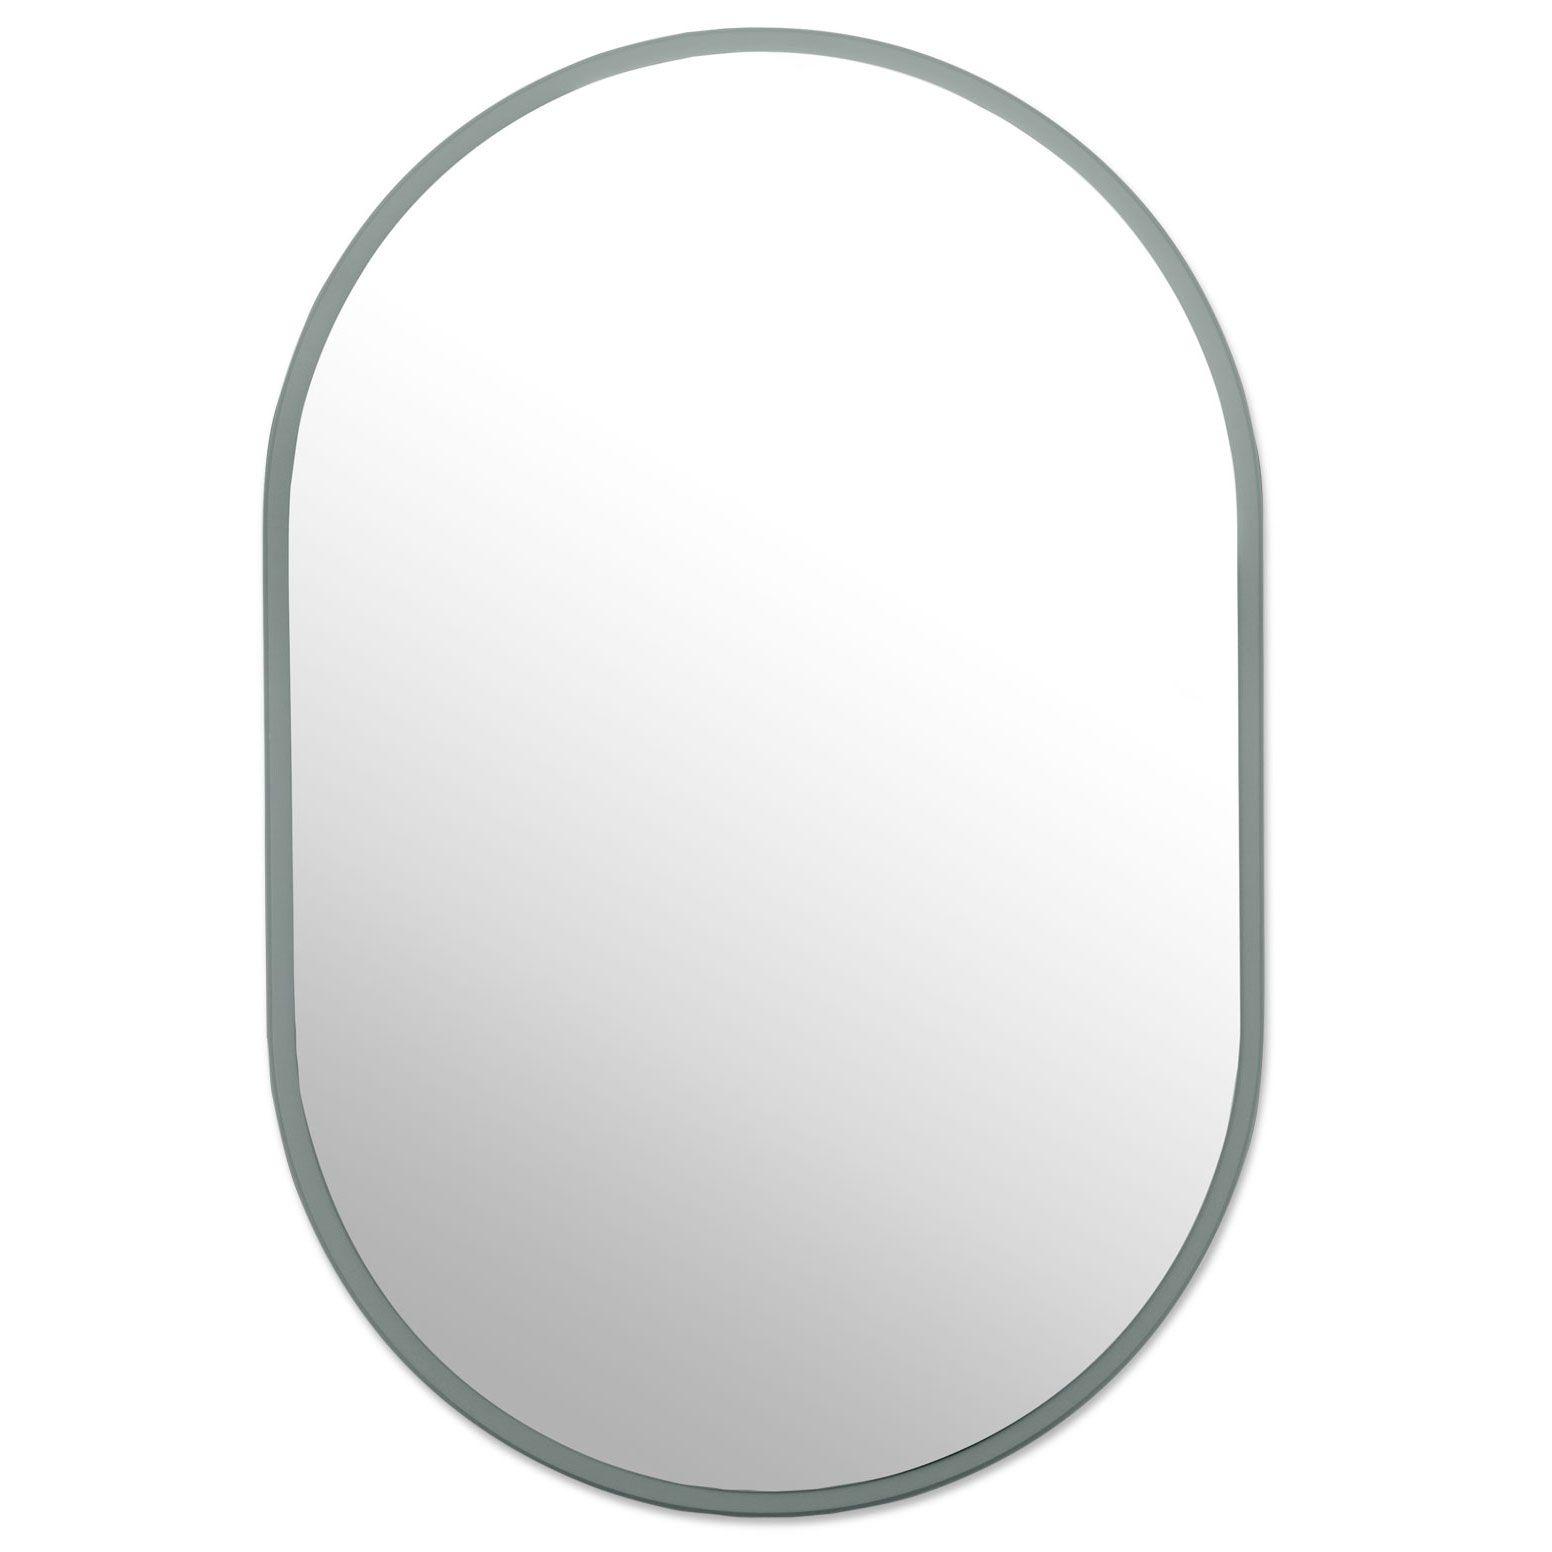 montana oval spiegel kopen van montana vergelijk prijzen. Black Bedroom Furniture Sets. Home Design Ideas